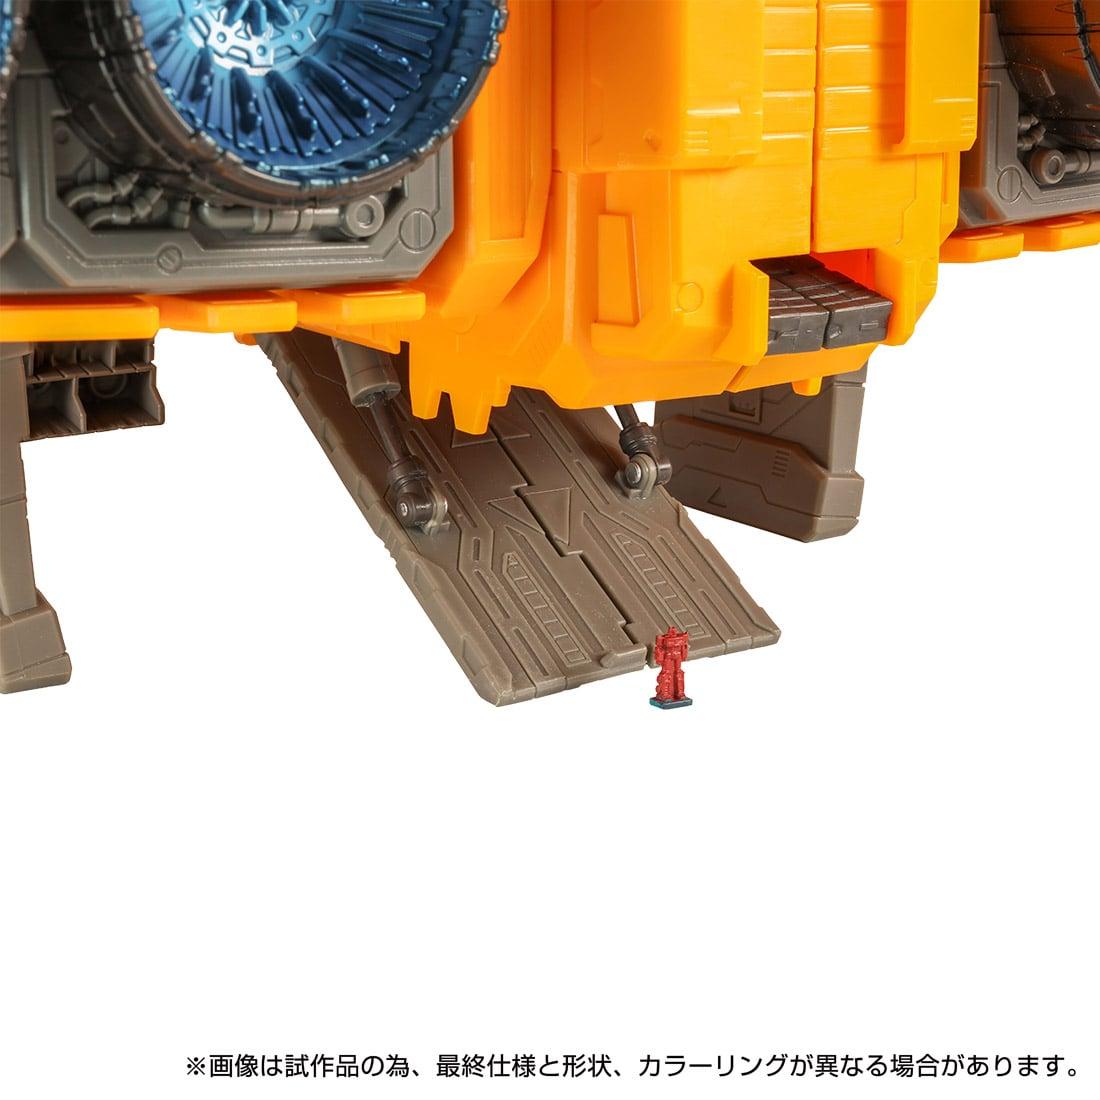 【限定販売】トランスフォーマー キングダム『KD EX-09 オートボットアーク』可変可動フィギュア-008